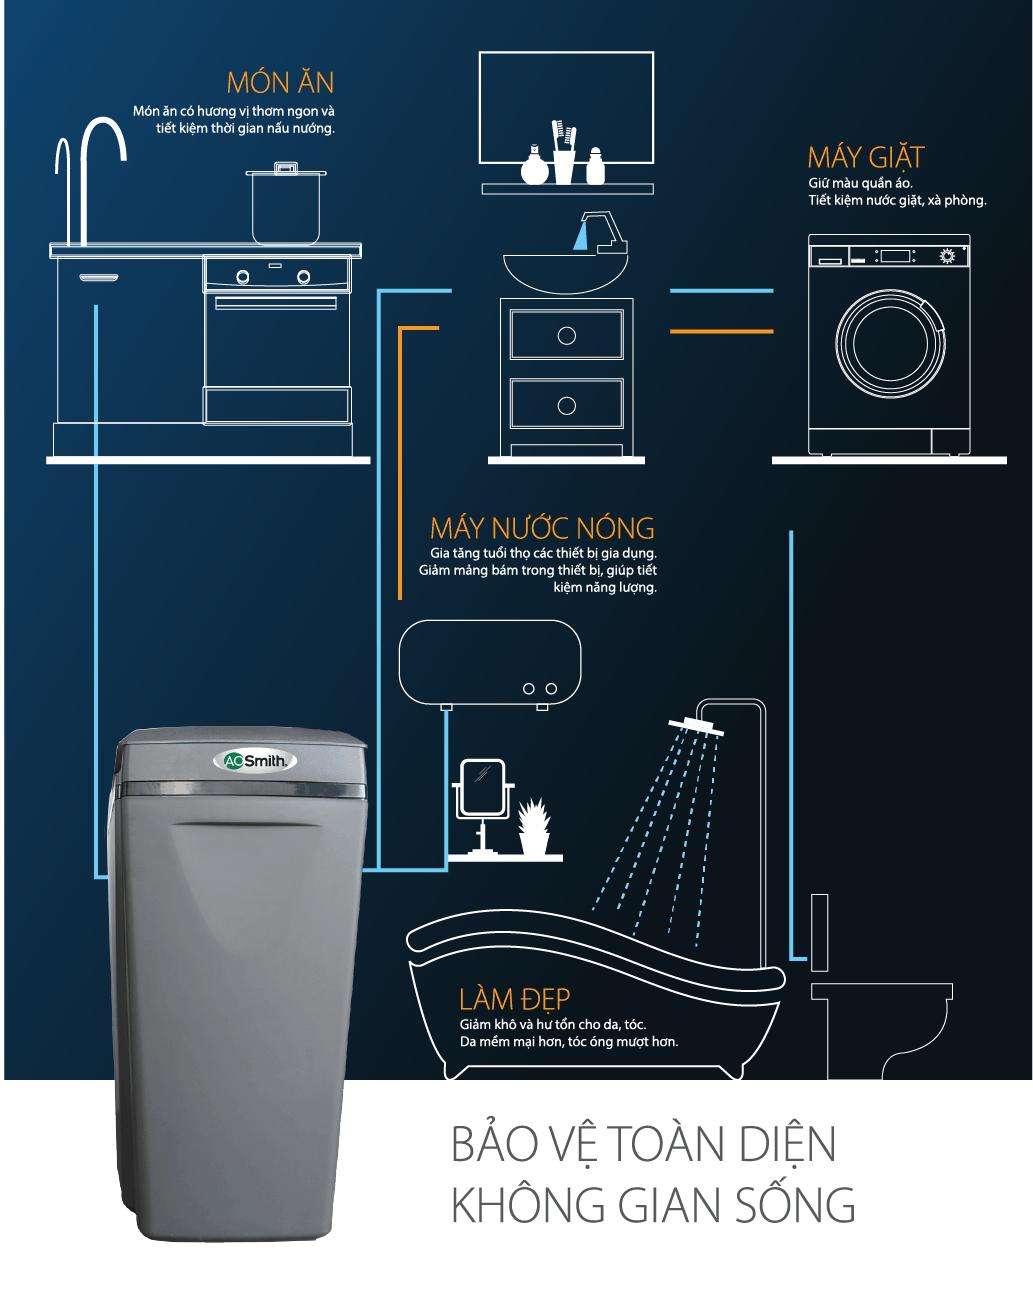 hệ thống lọc nước I97 mang đến cho bạn nguồn nước tinh khiết mỗi ngày